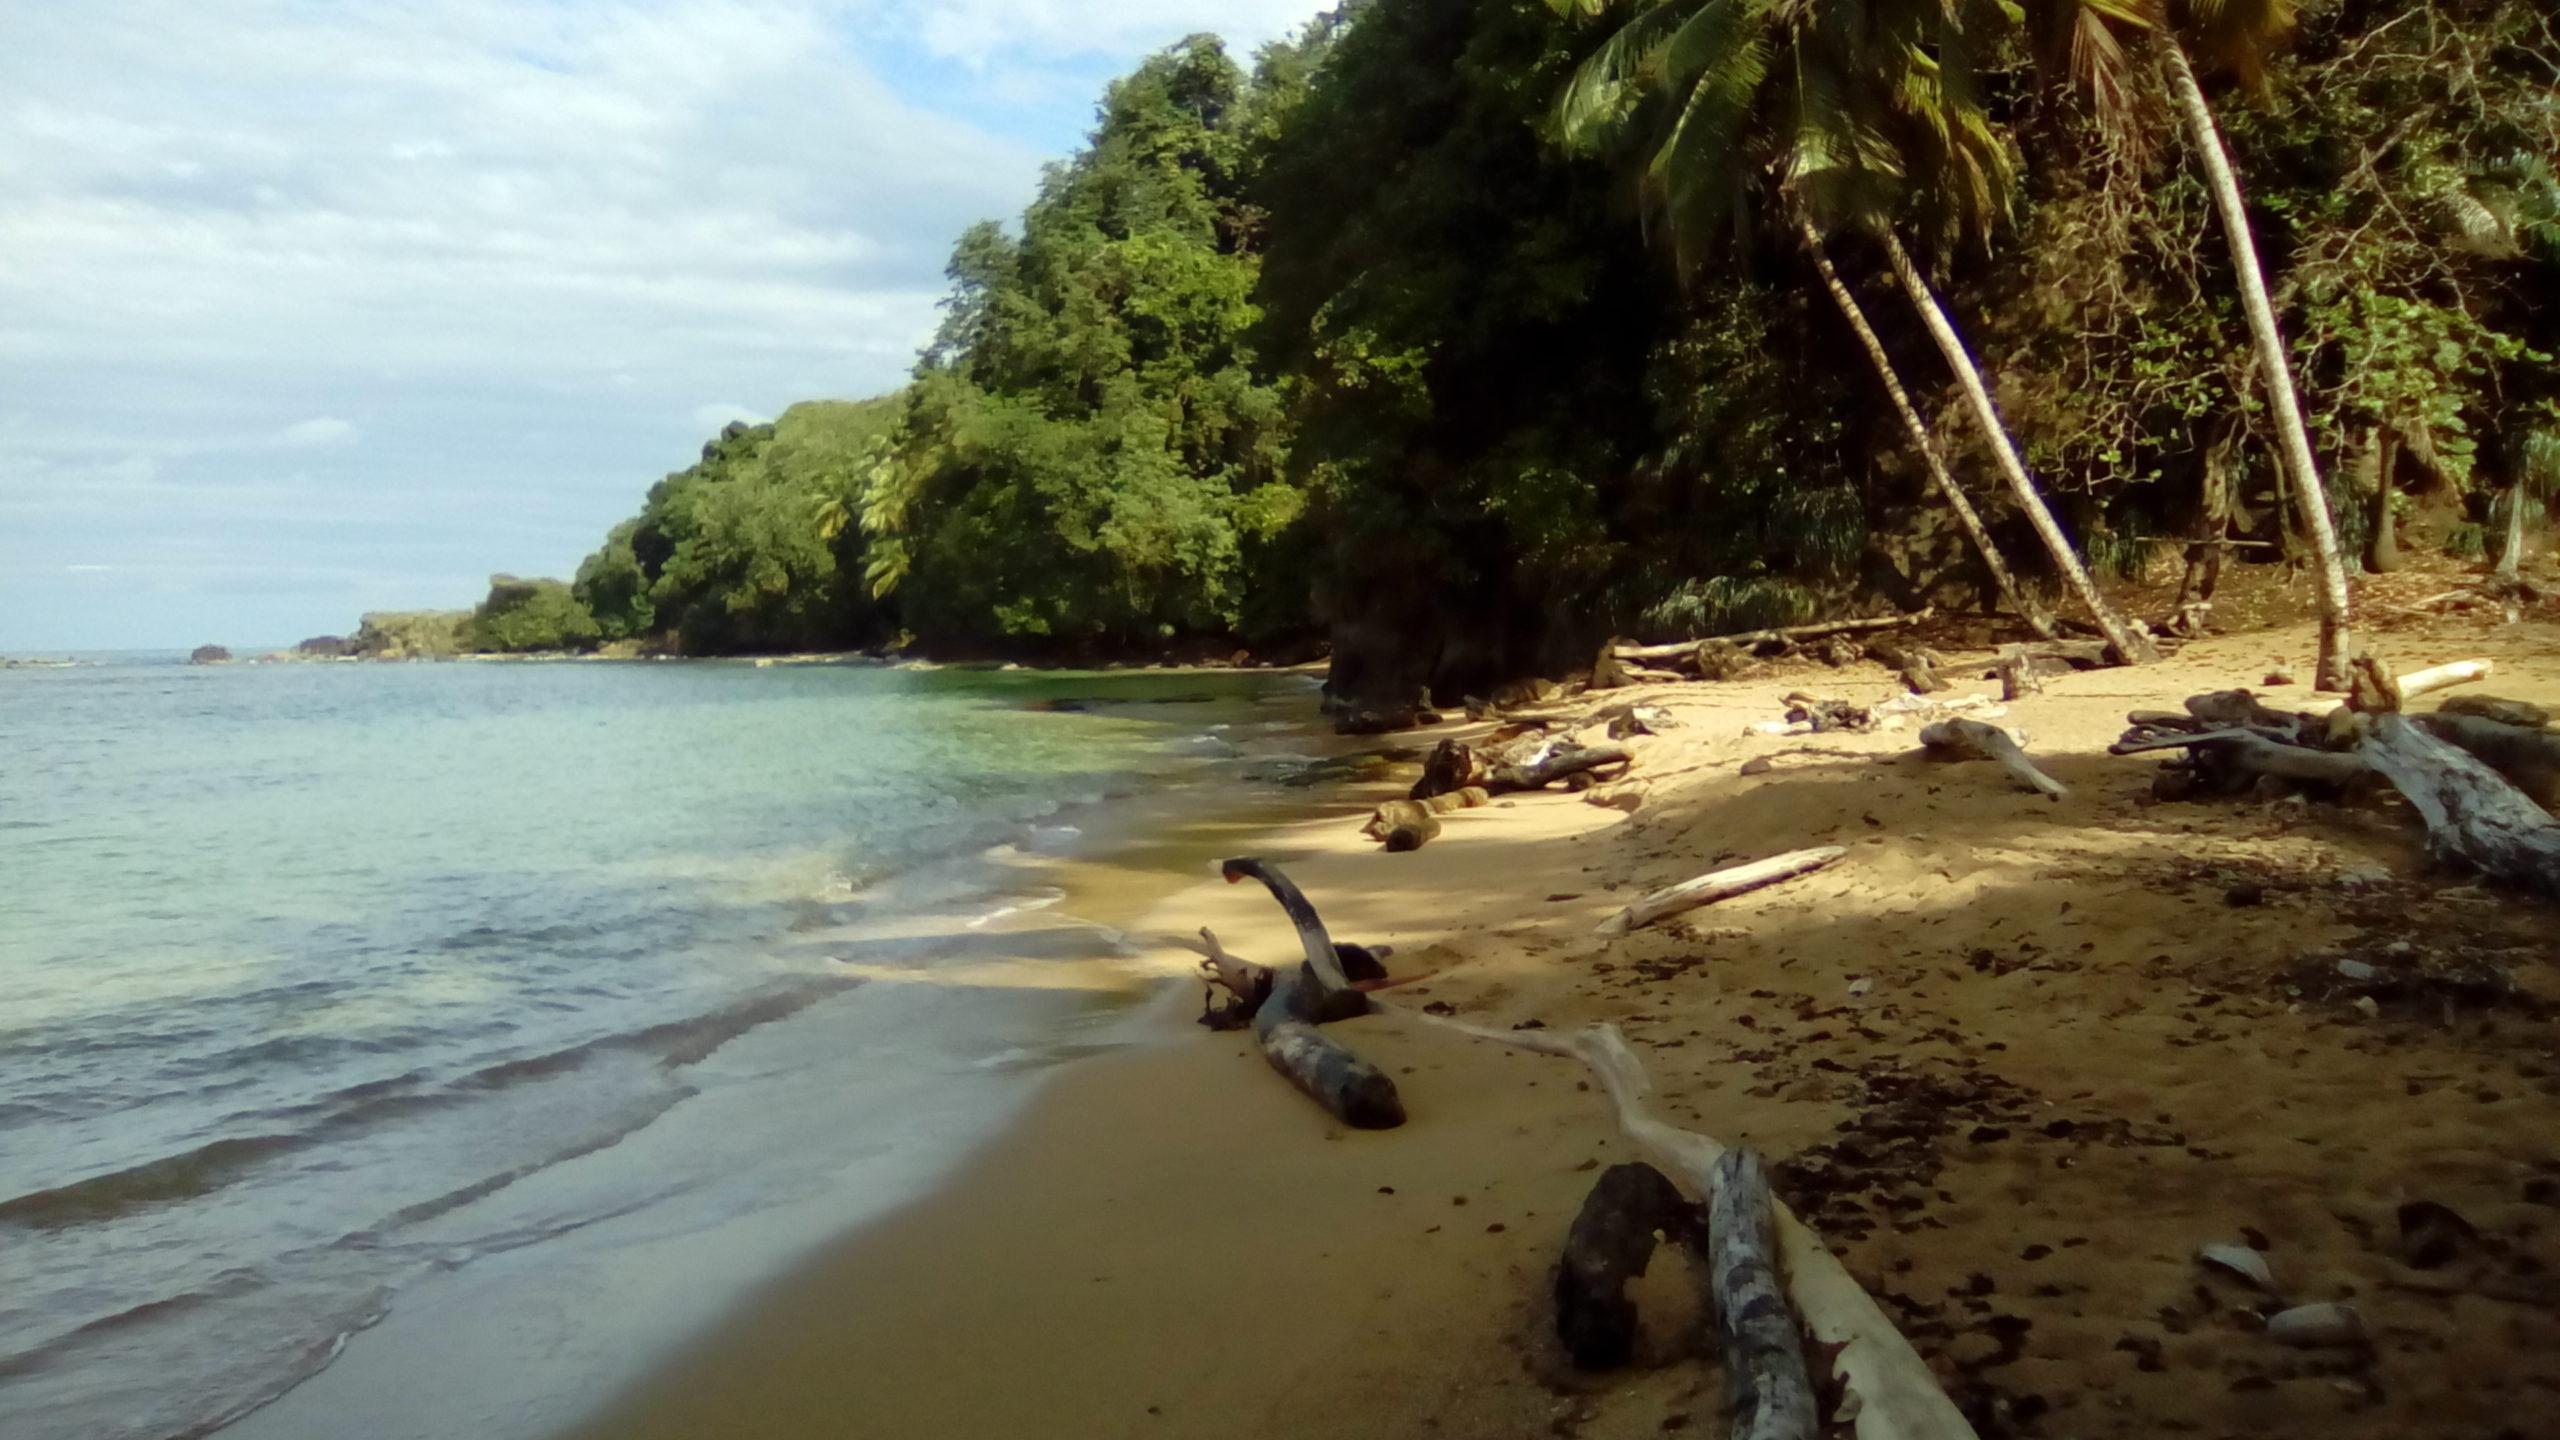 Dietro la spiaggia, cosa? Andare ai Caraibi?